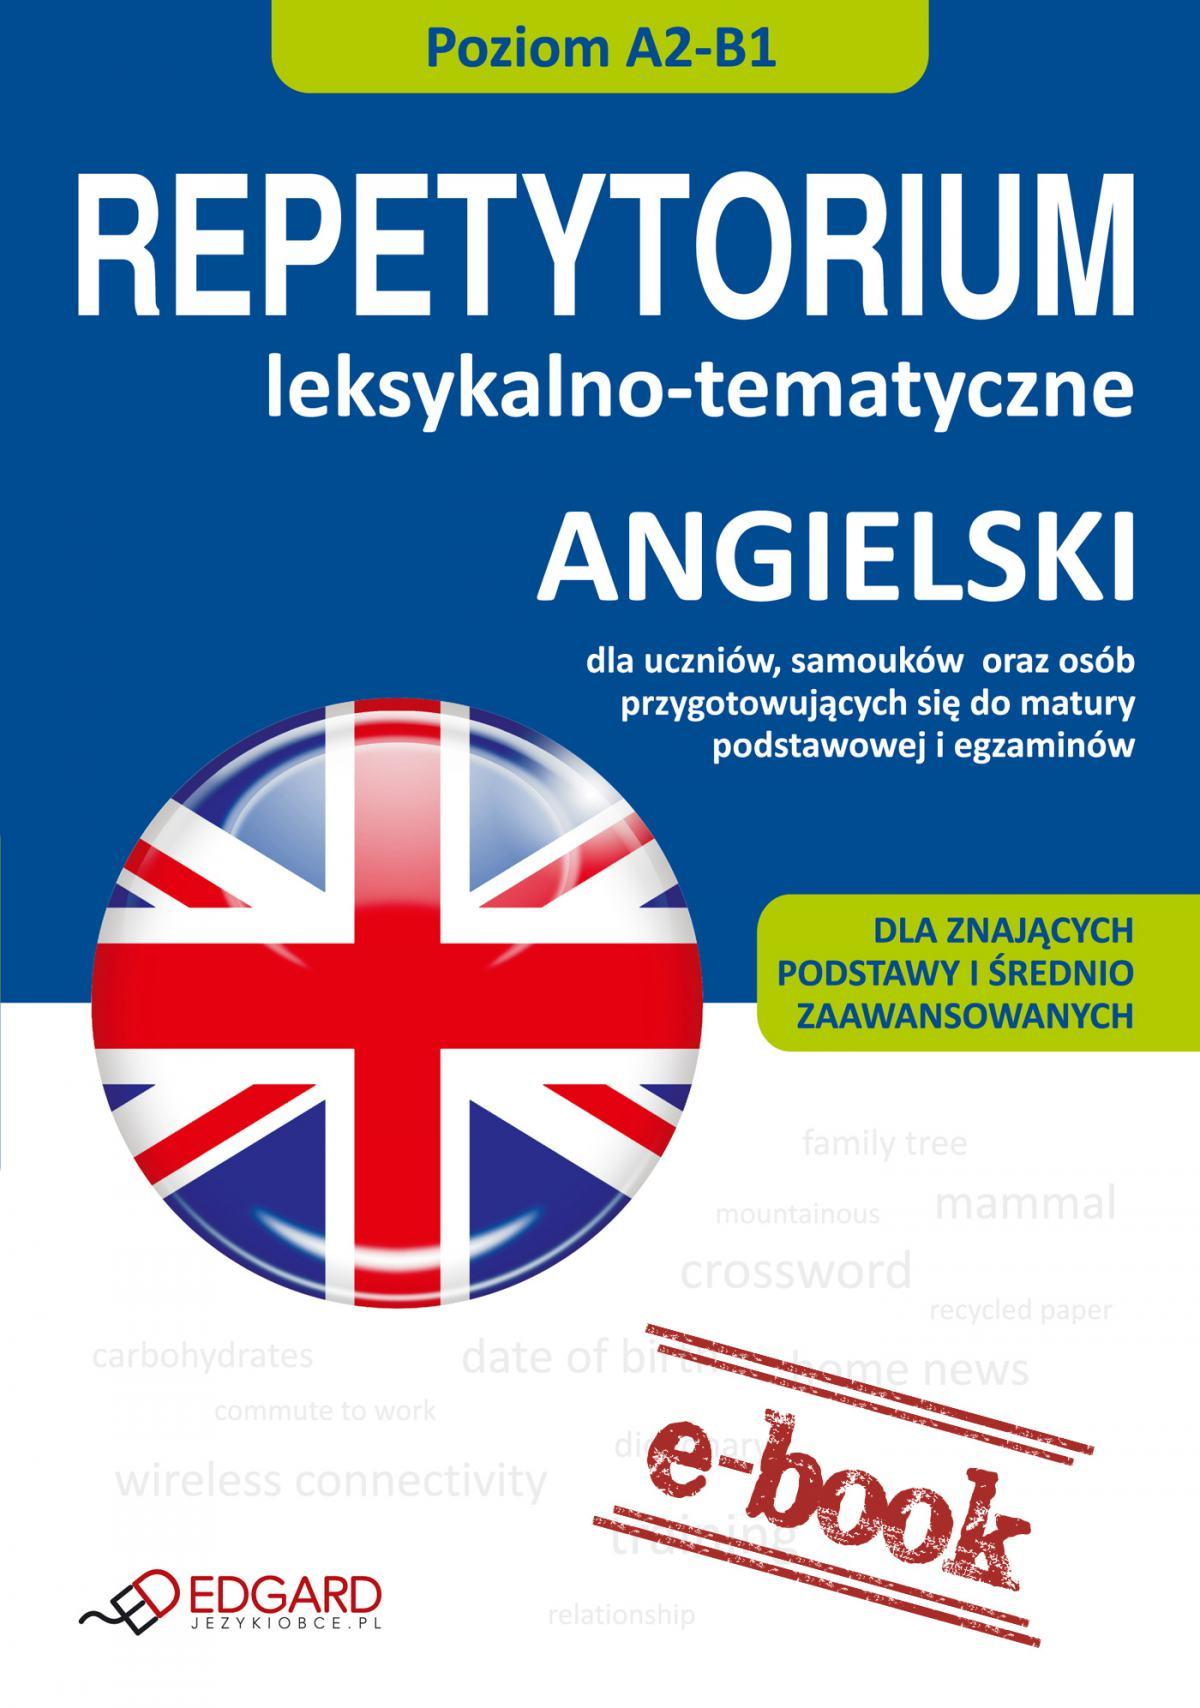 Angielski - Repetytorium leksykalno-tematyczne A2-B1 - Ebook (Książka na Kindle) do pobrania w formacie MOBI